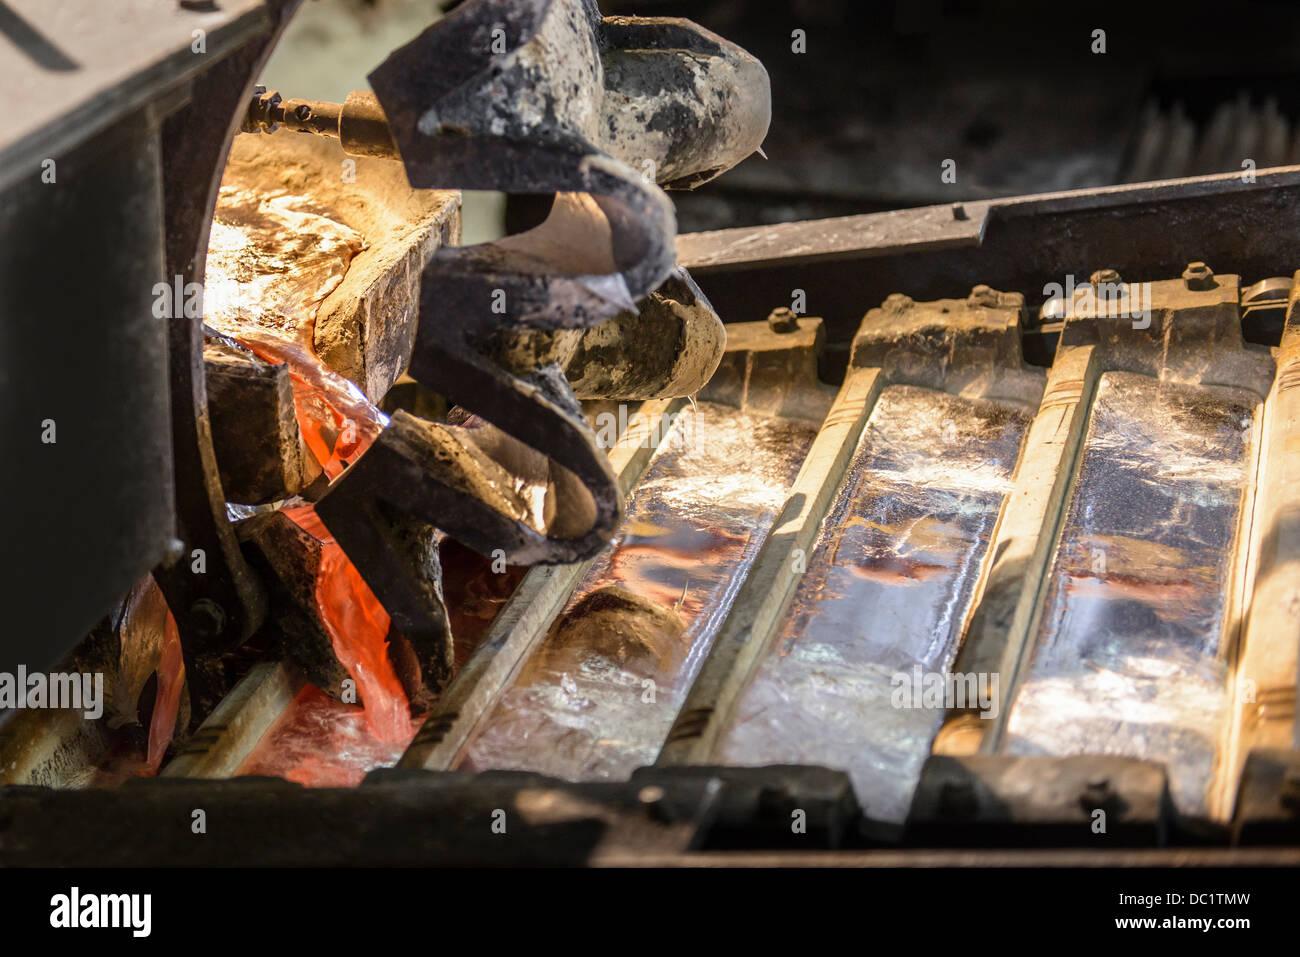 Cerca de recién derramado lingotes de metal en la planta de reciclaje de aluminio Imagen De Stock